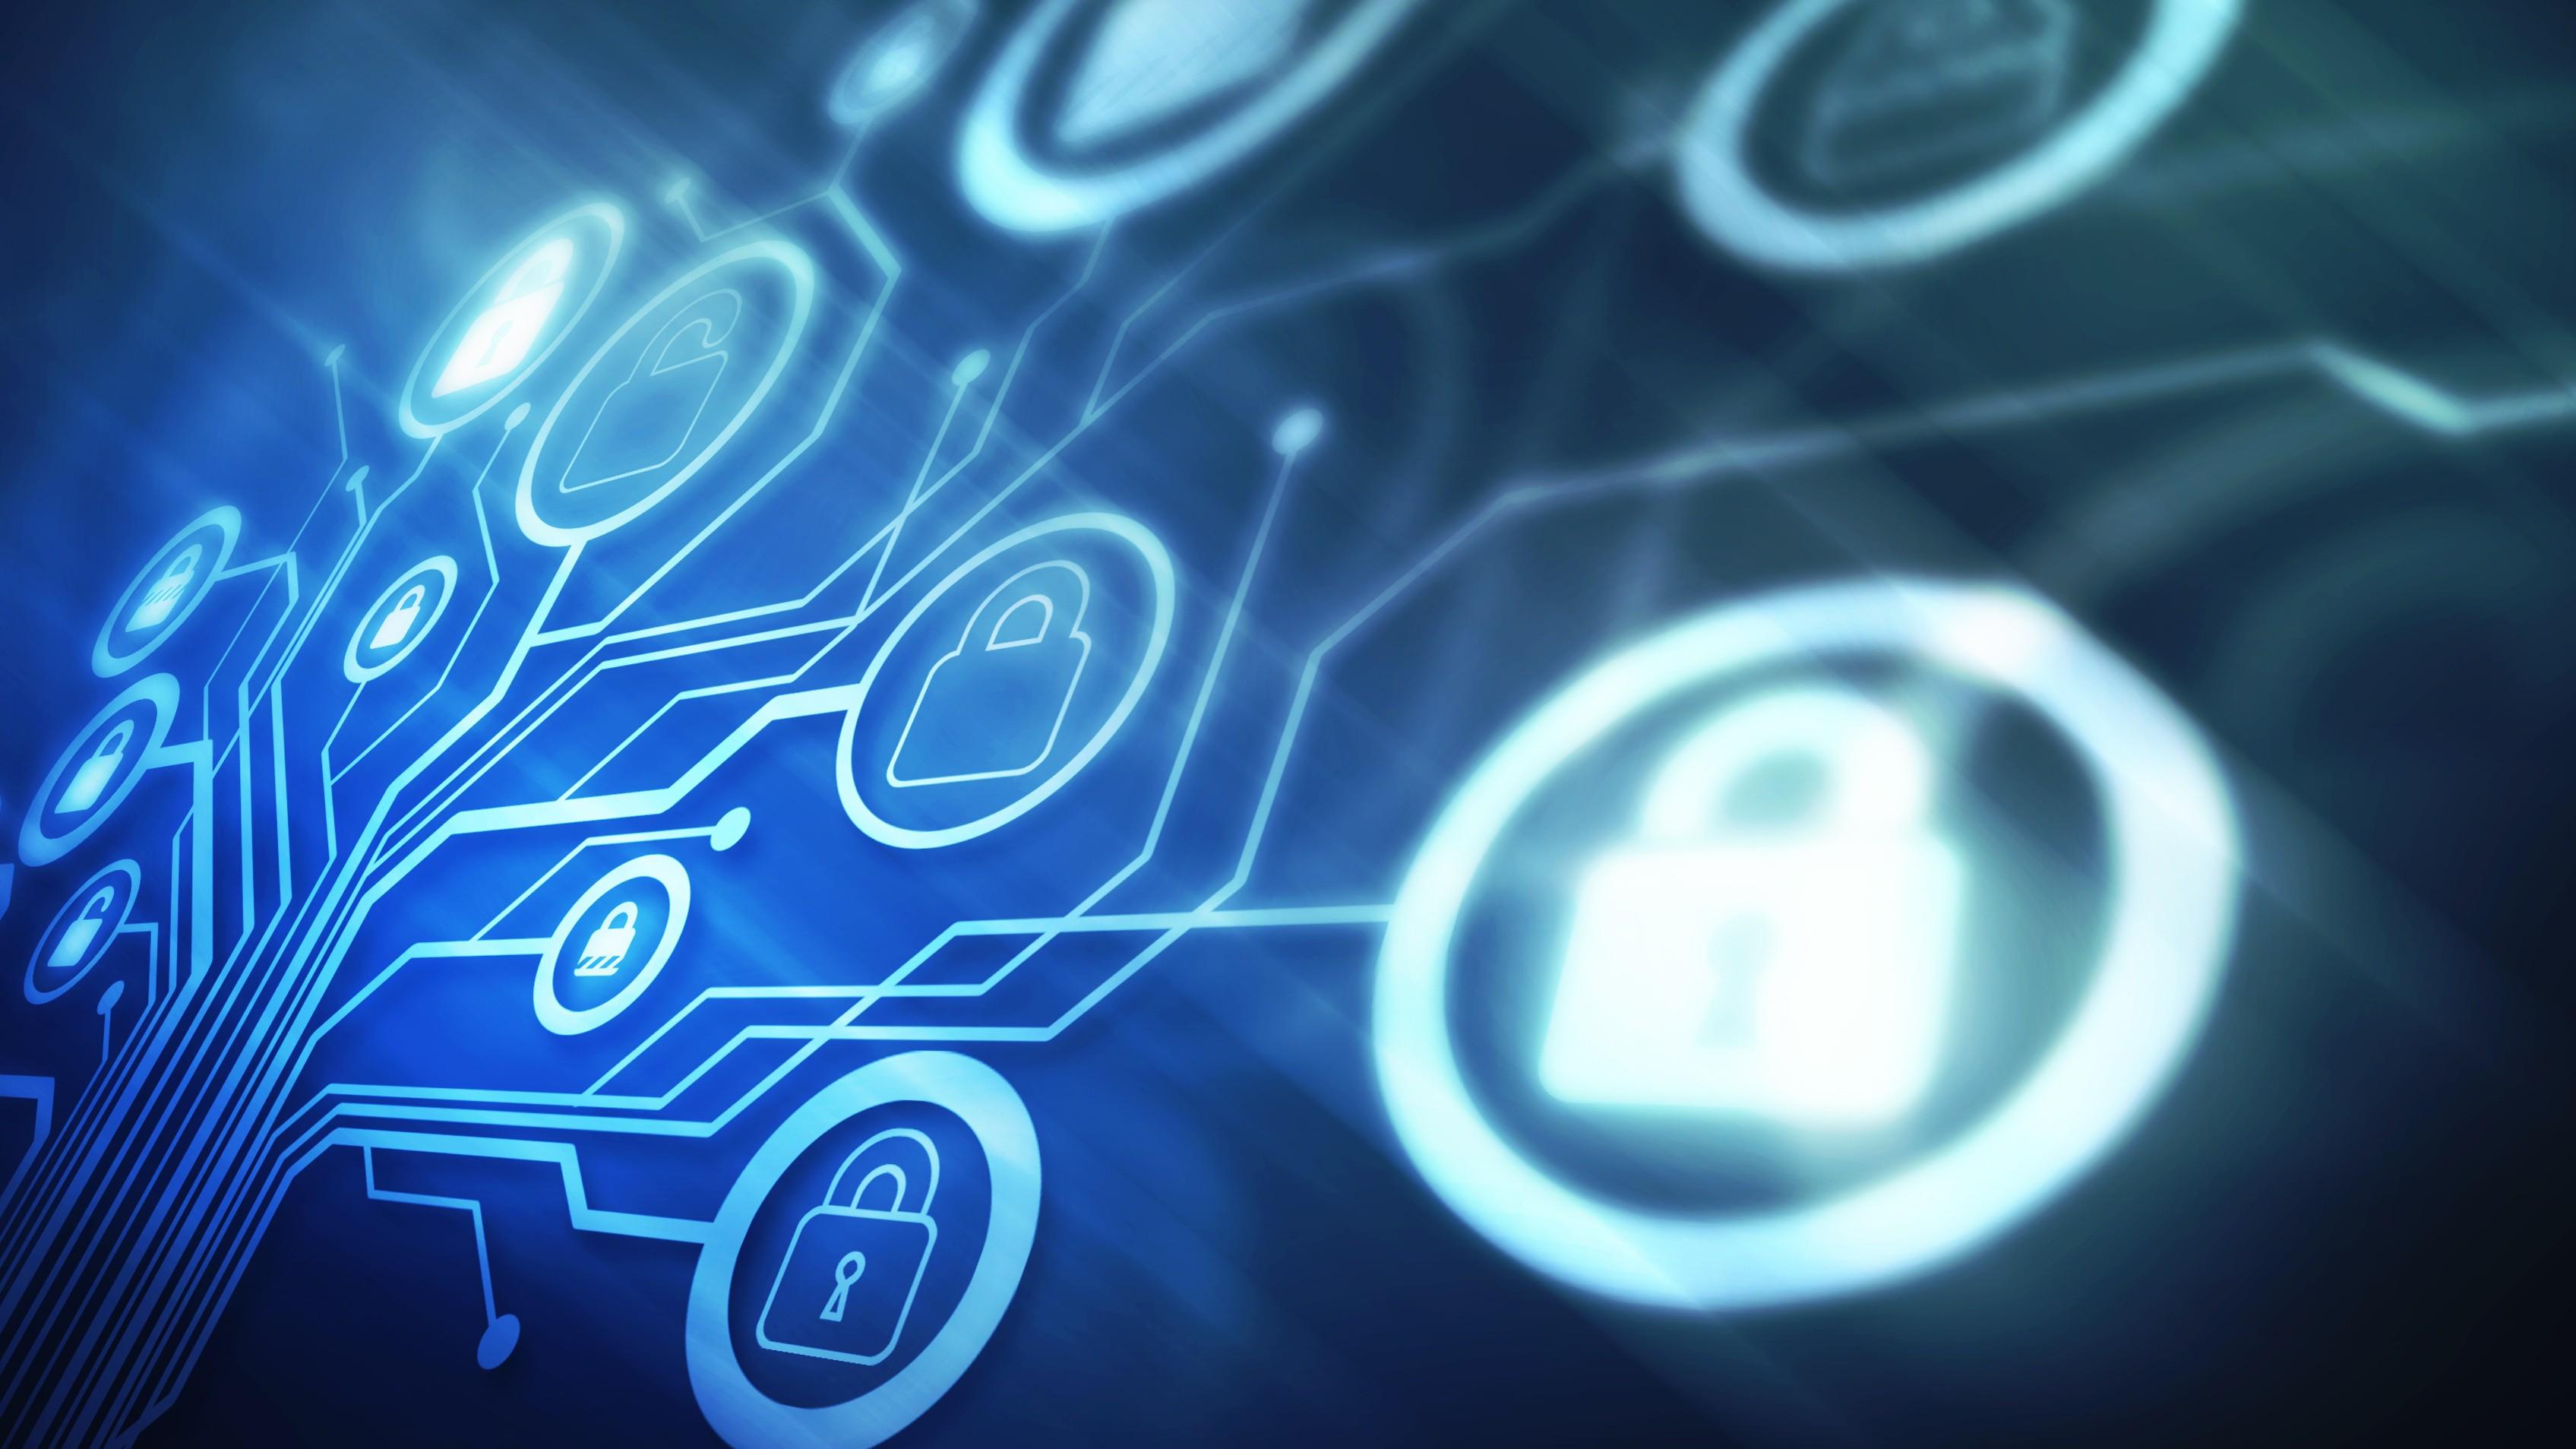 IEL abre inscrições para curso de Ciber Defesa e Segurança Digital, em São Paulo